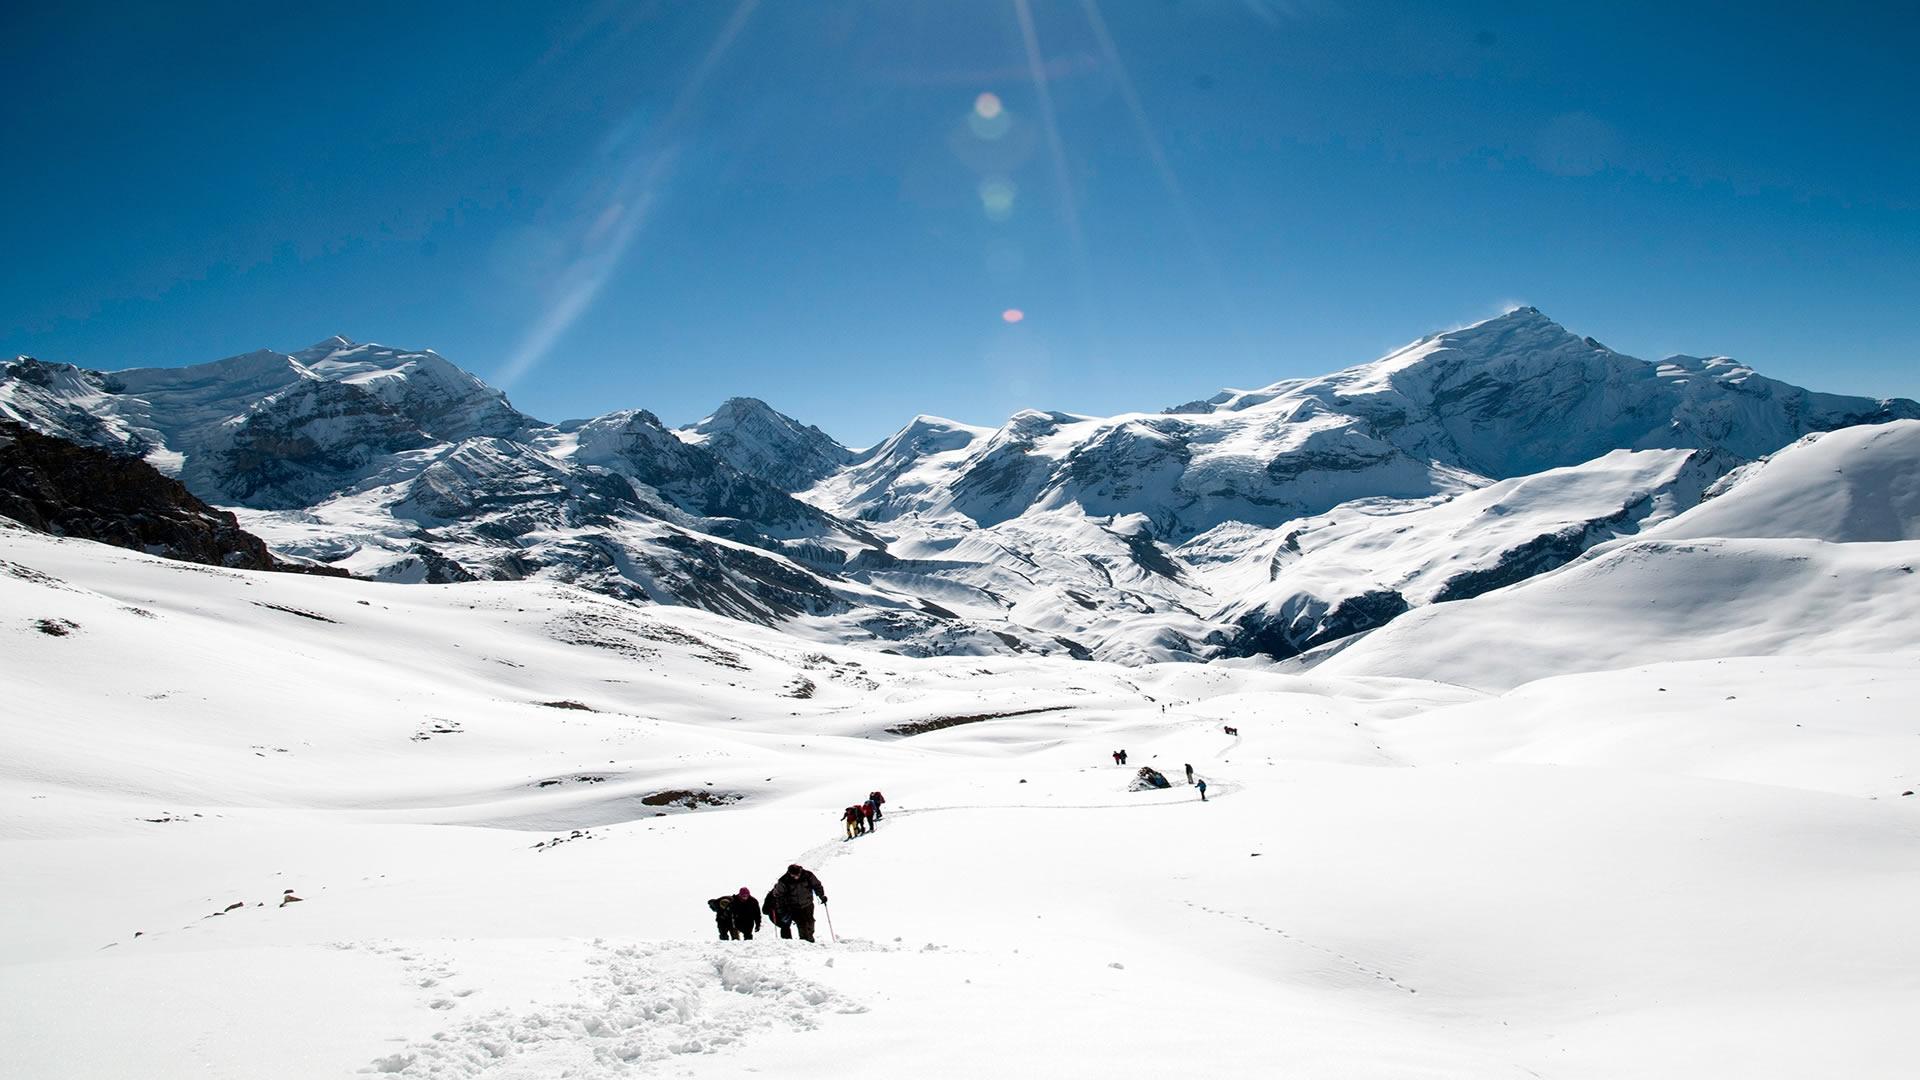 skiing in pakistan